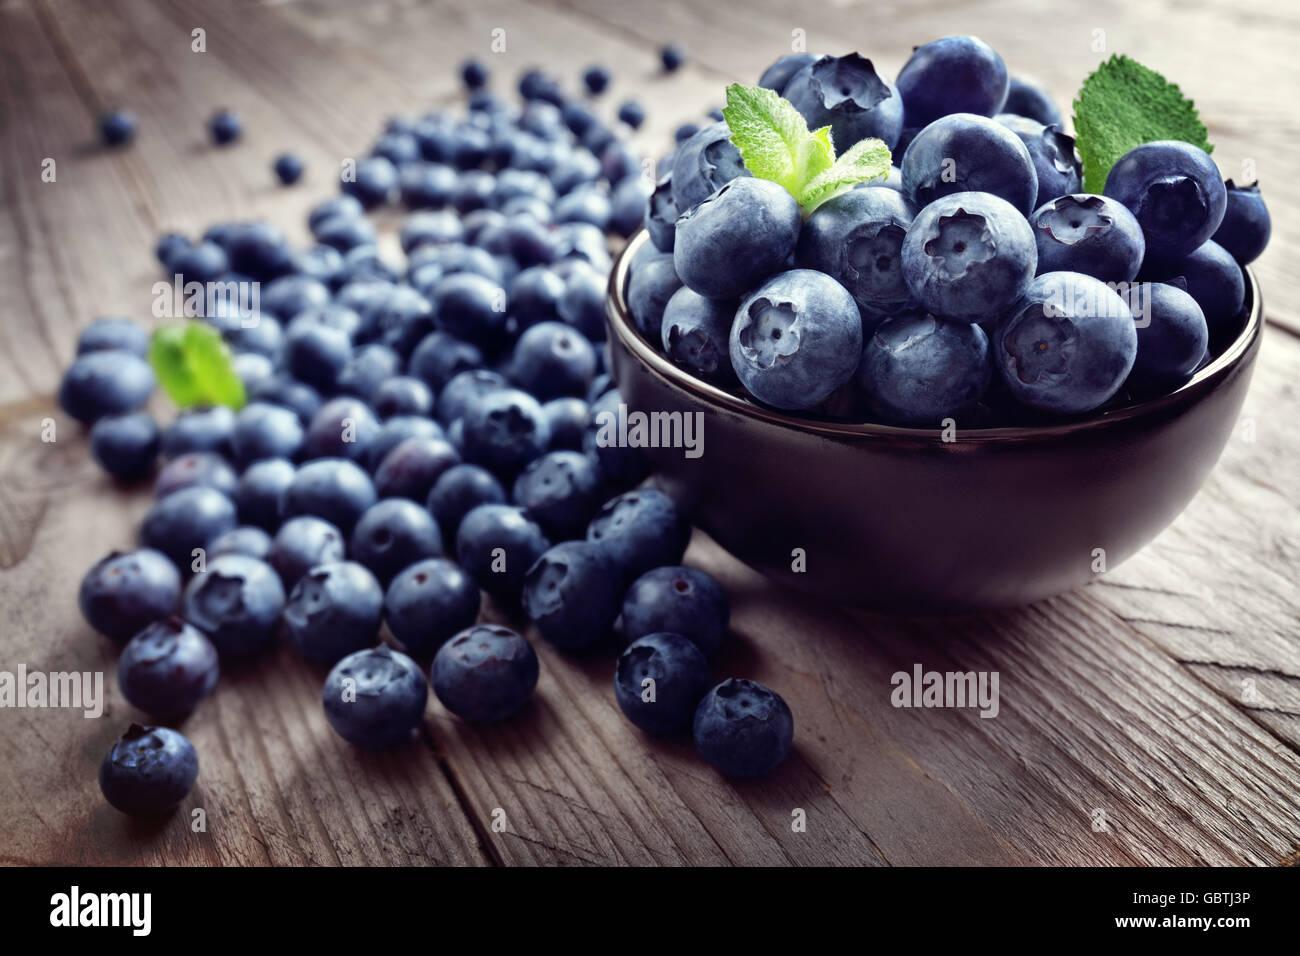 Mirtillo antiossidante super organico Immagini Stock